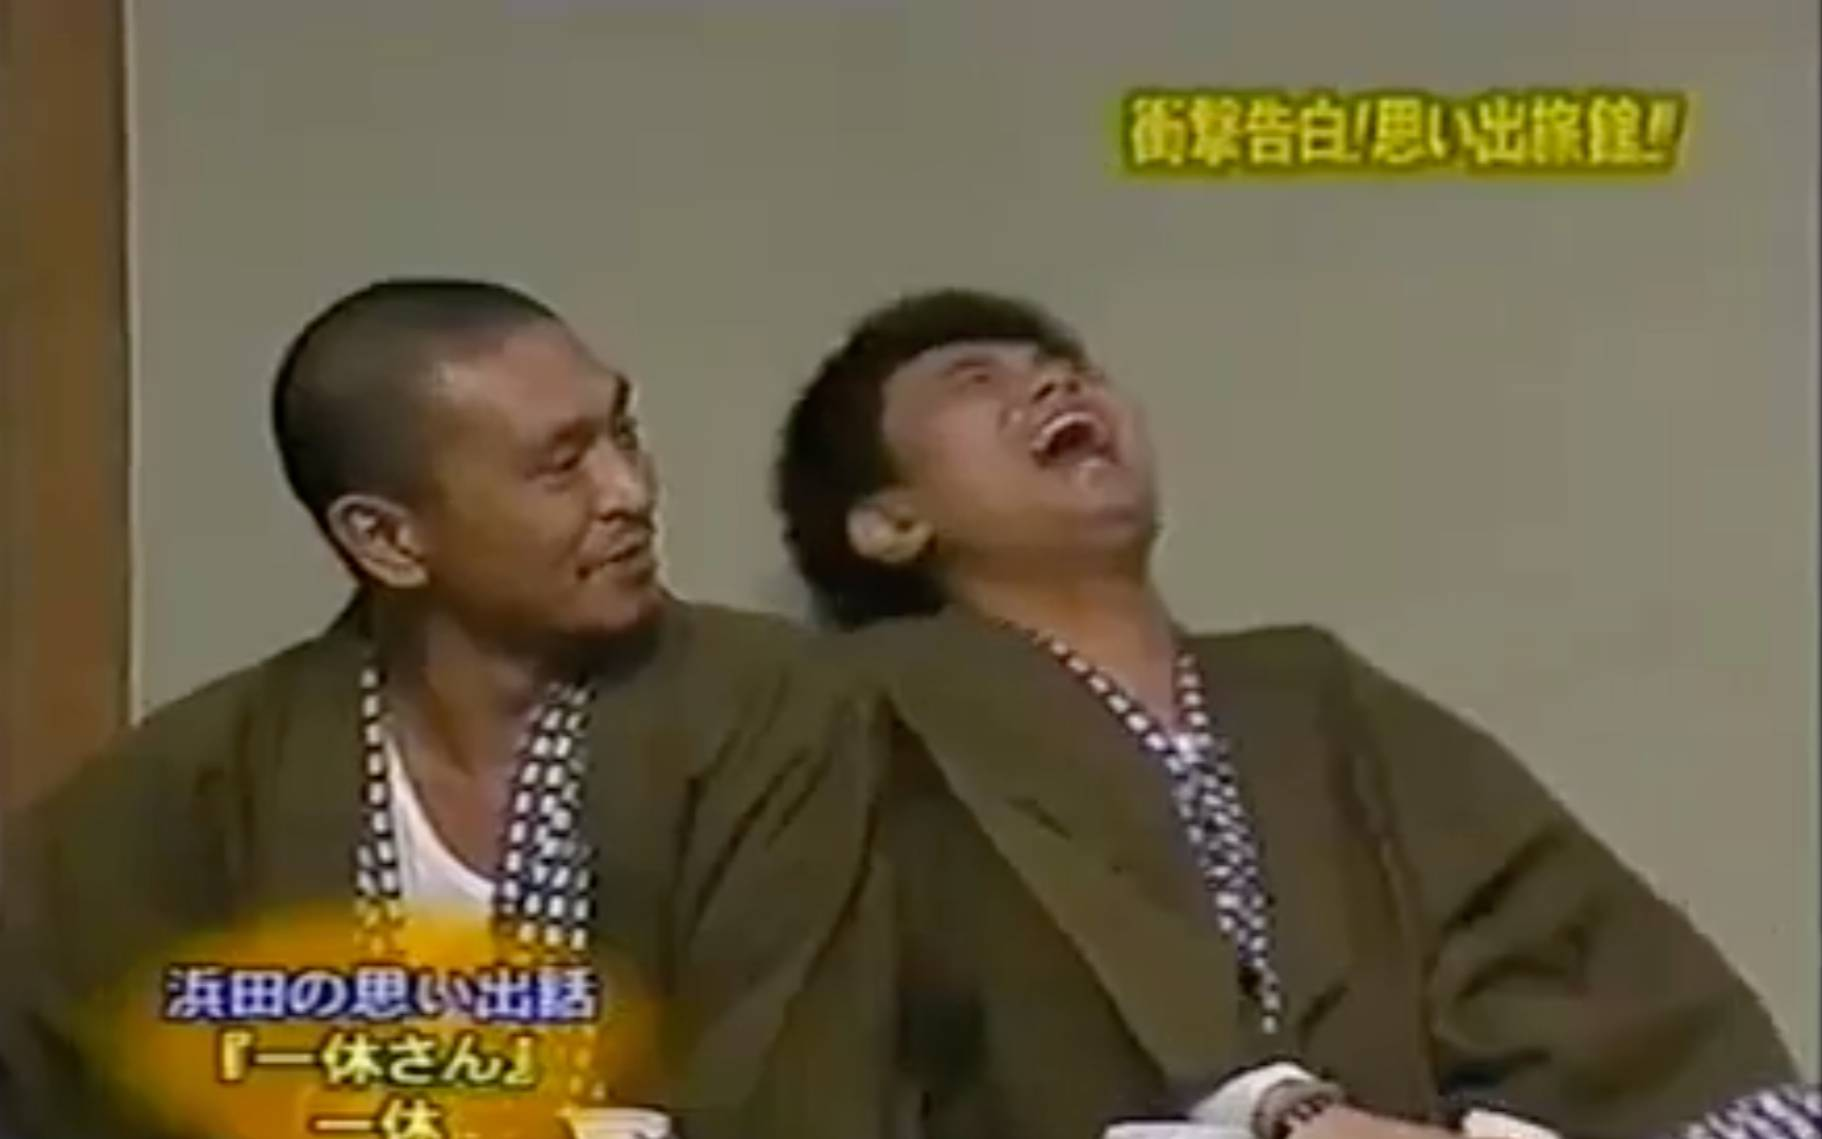 【中字渣翻】Gaki 瞎编人生故事 #0684 20031123